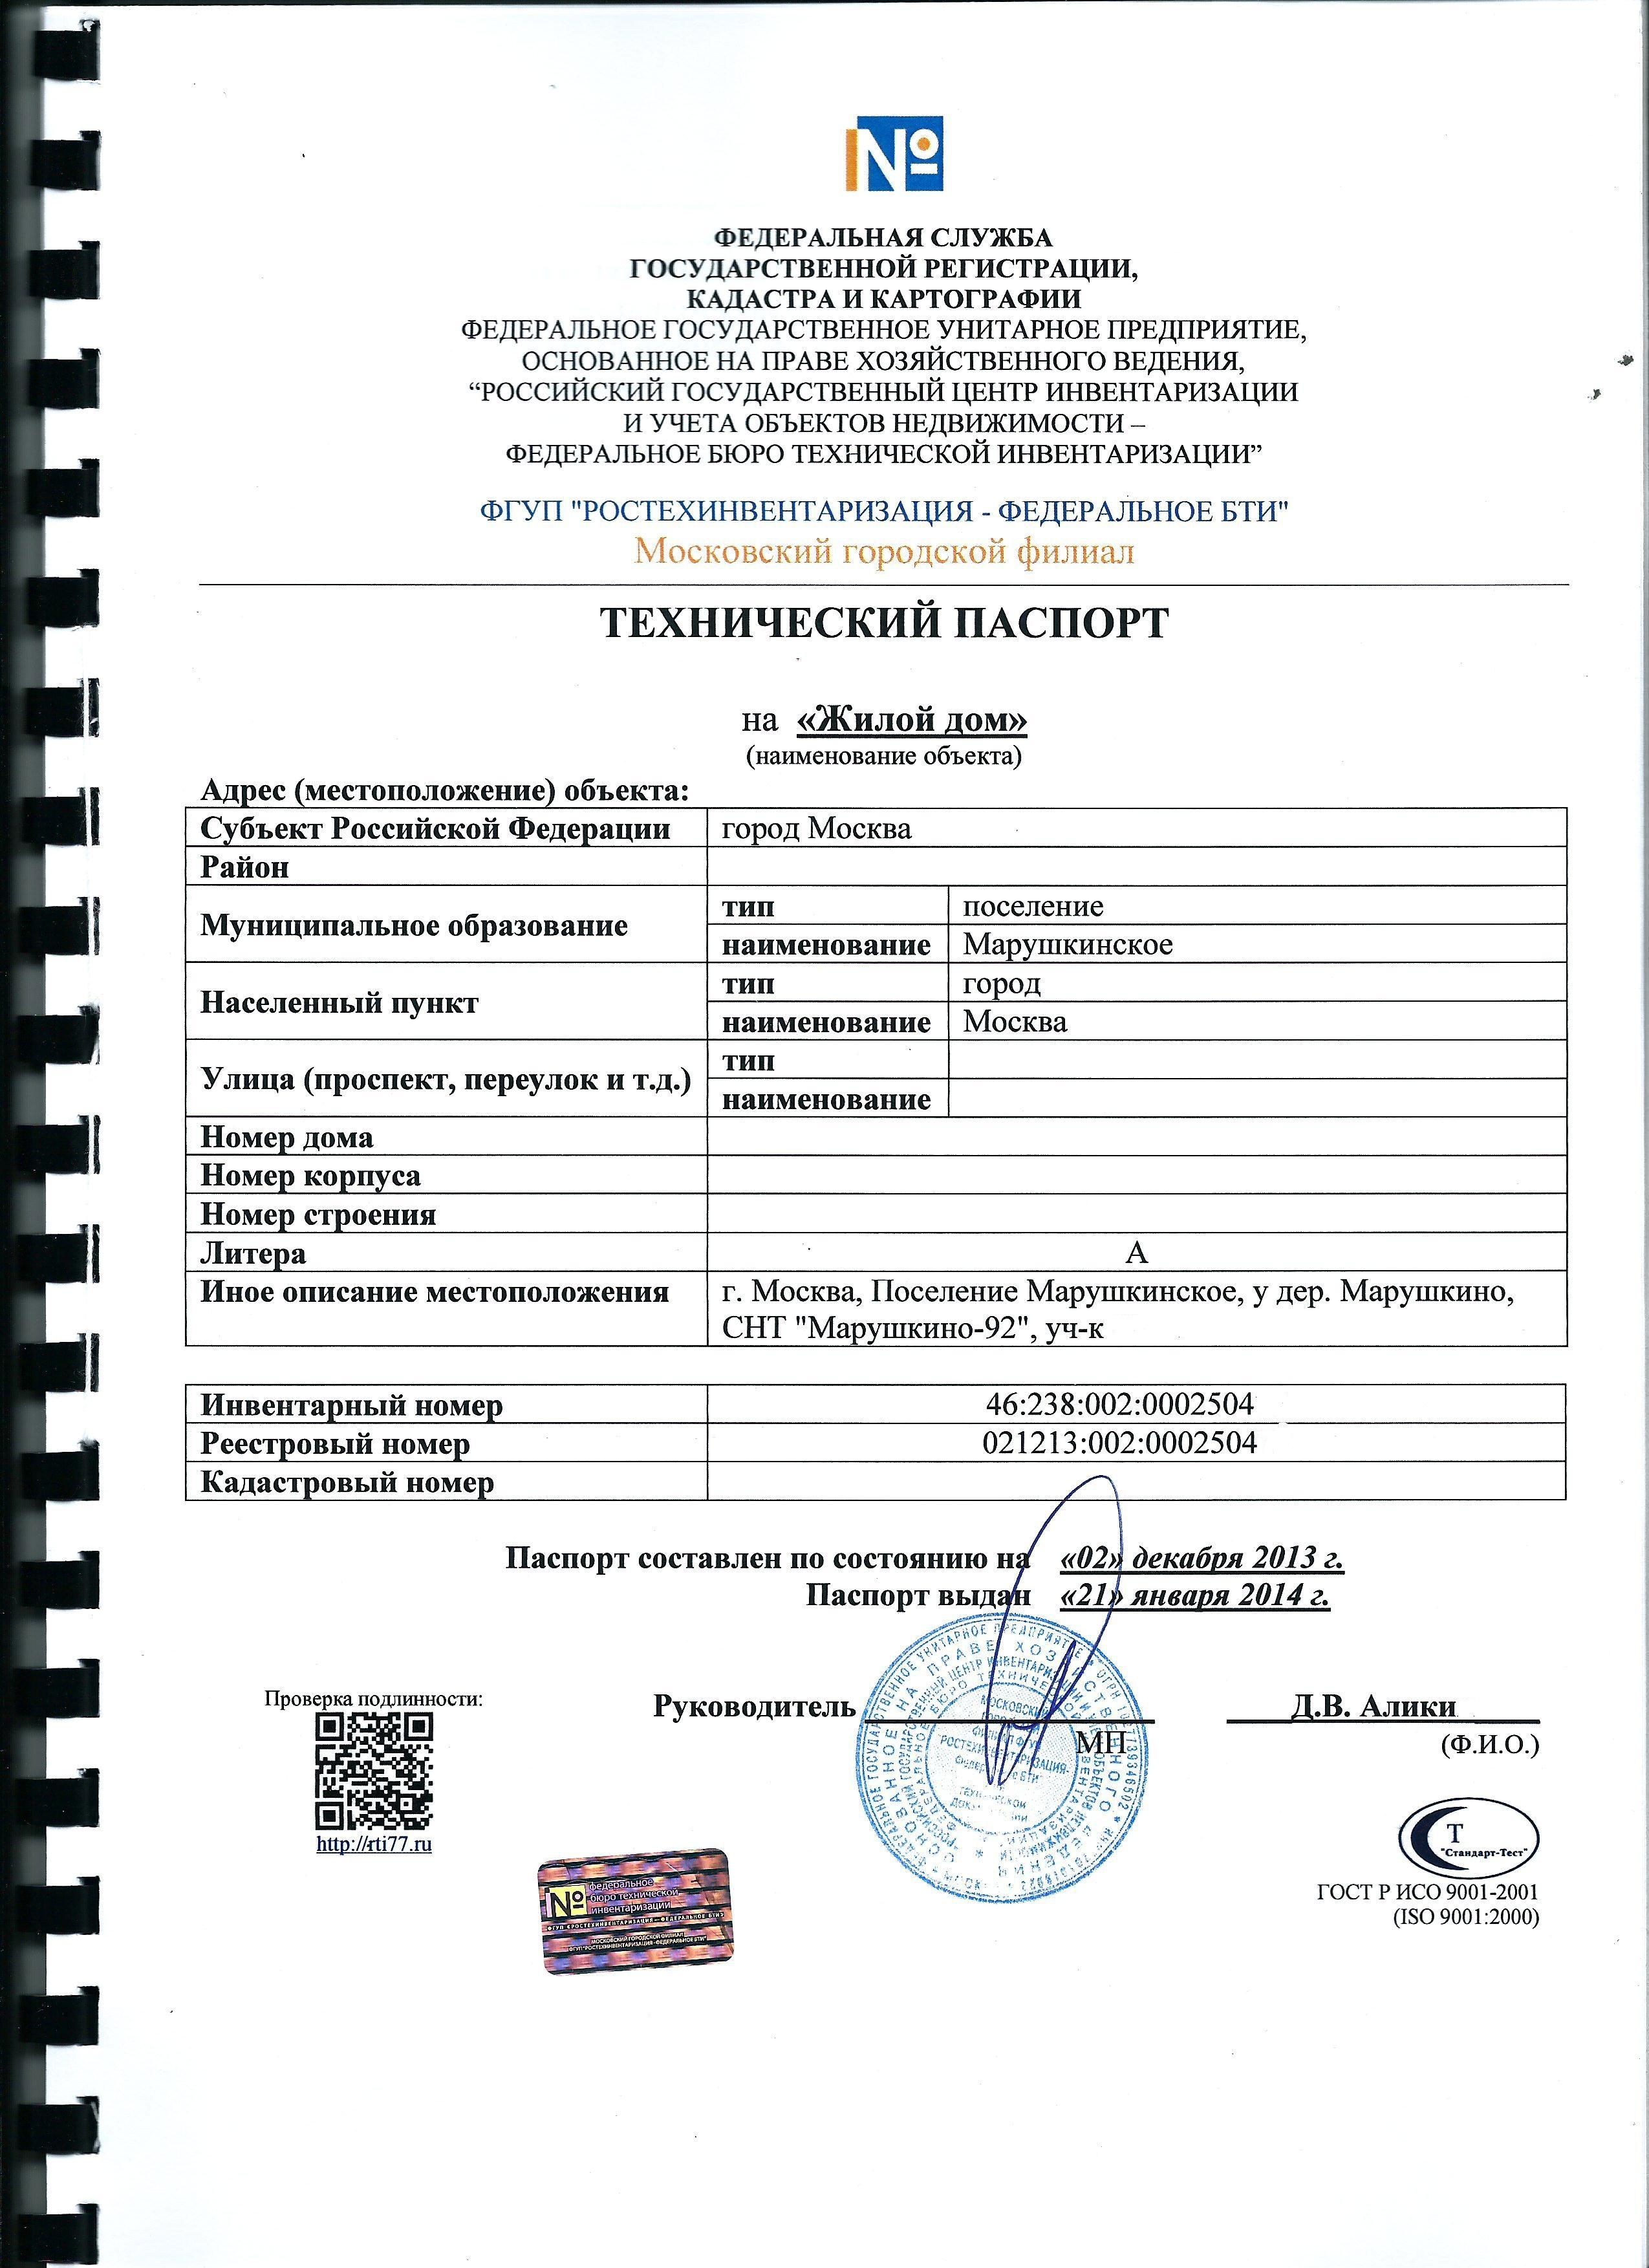 Технический паспорт на квартиру: где и как получить 57